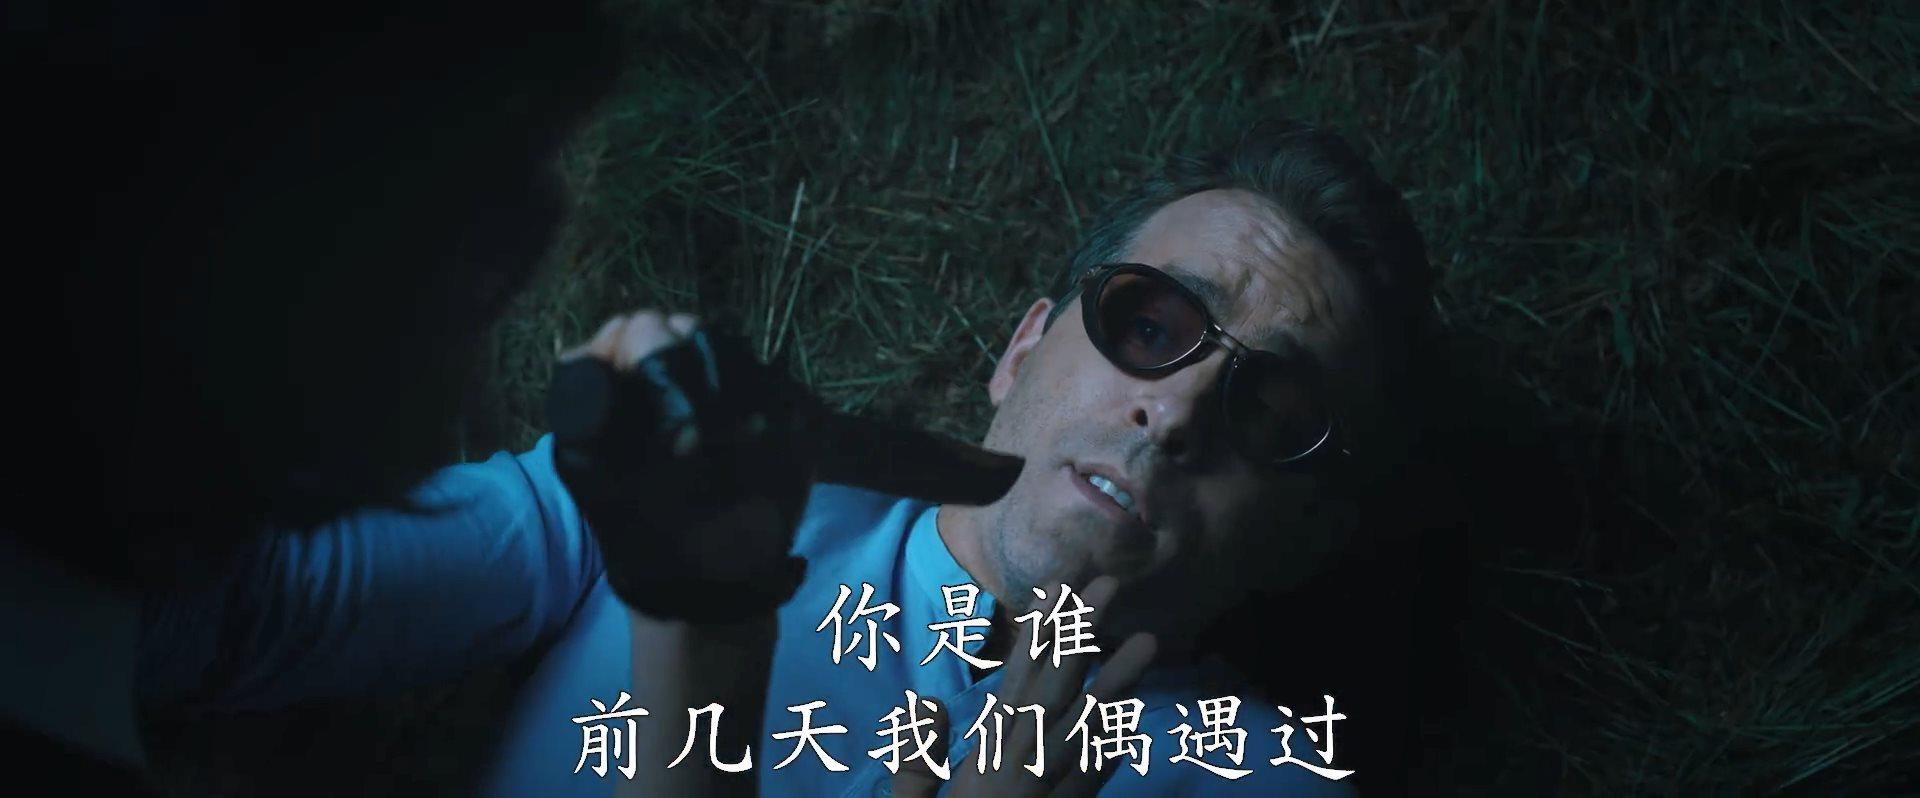 《失控玩家》-电影超清完整观看版观看1080p